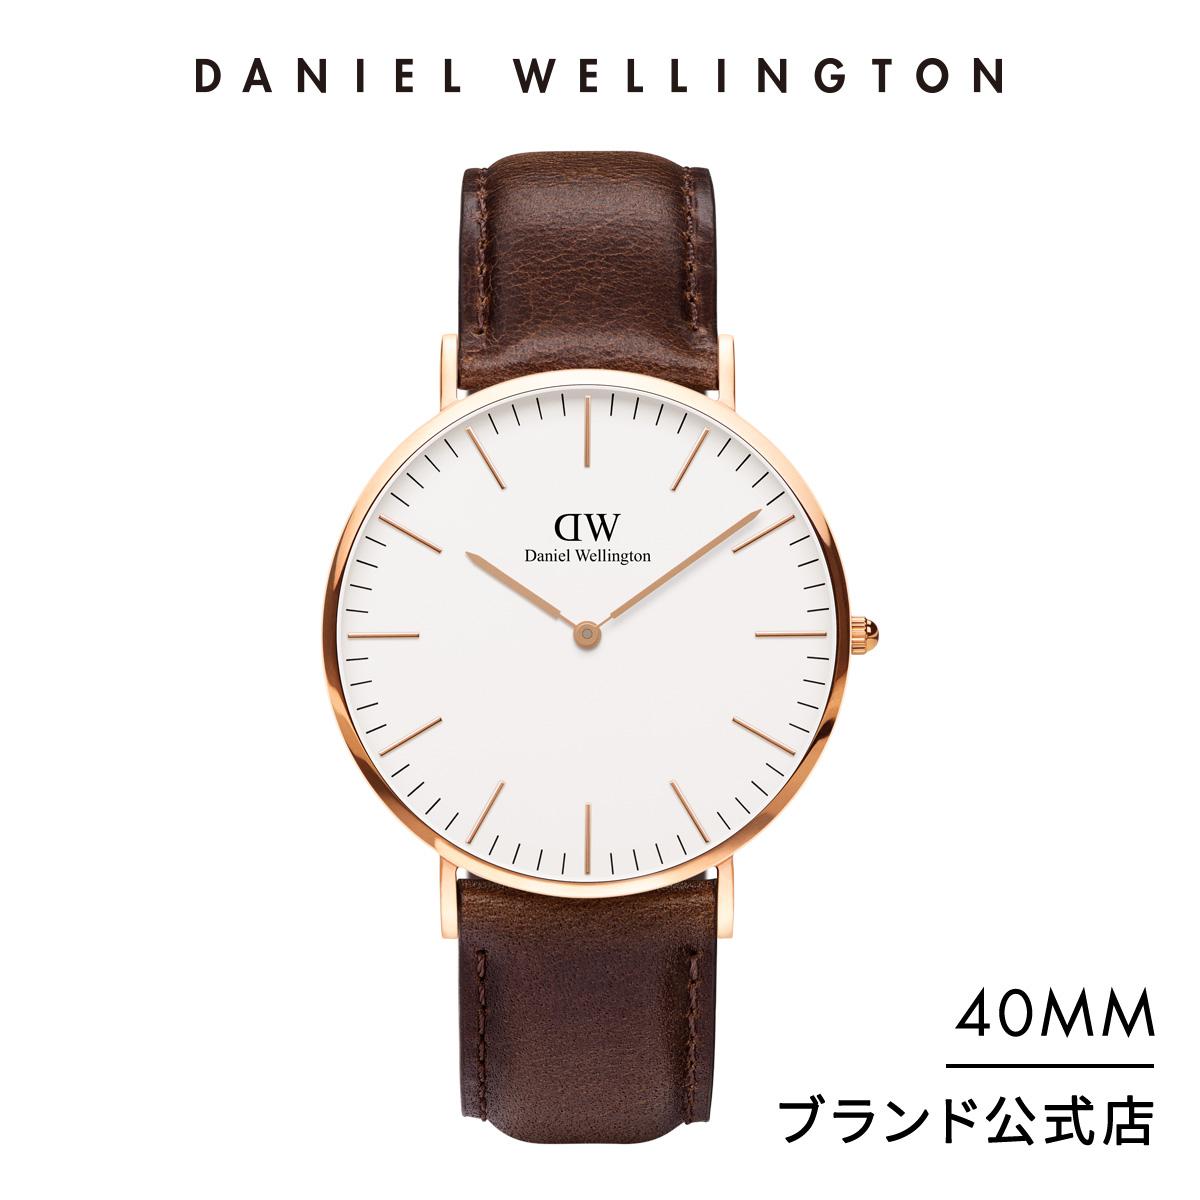 【公式2年保証/送料無料】ダニエルウェリントン公式 メンズ 腕時計 Classic Bristol 40mm 革 ベルト クラシック ブリストル DW プレゼント おしゃれ インスタ映え ブランド 彼女 彼氏 ペアスタイルに最適 ウォッチ